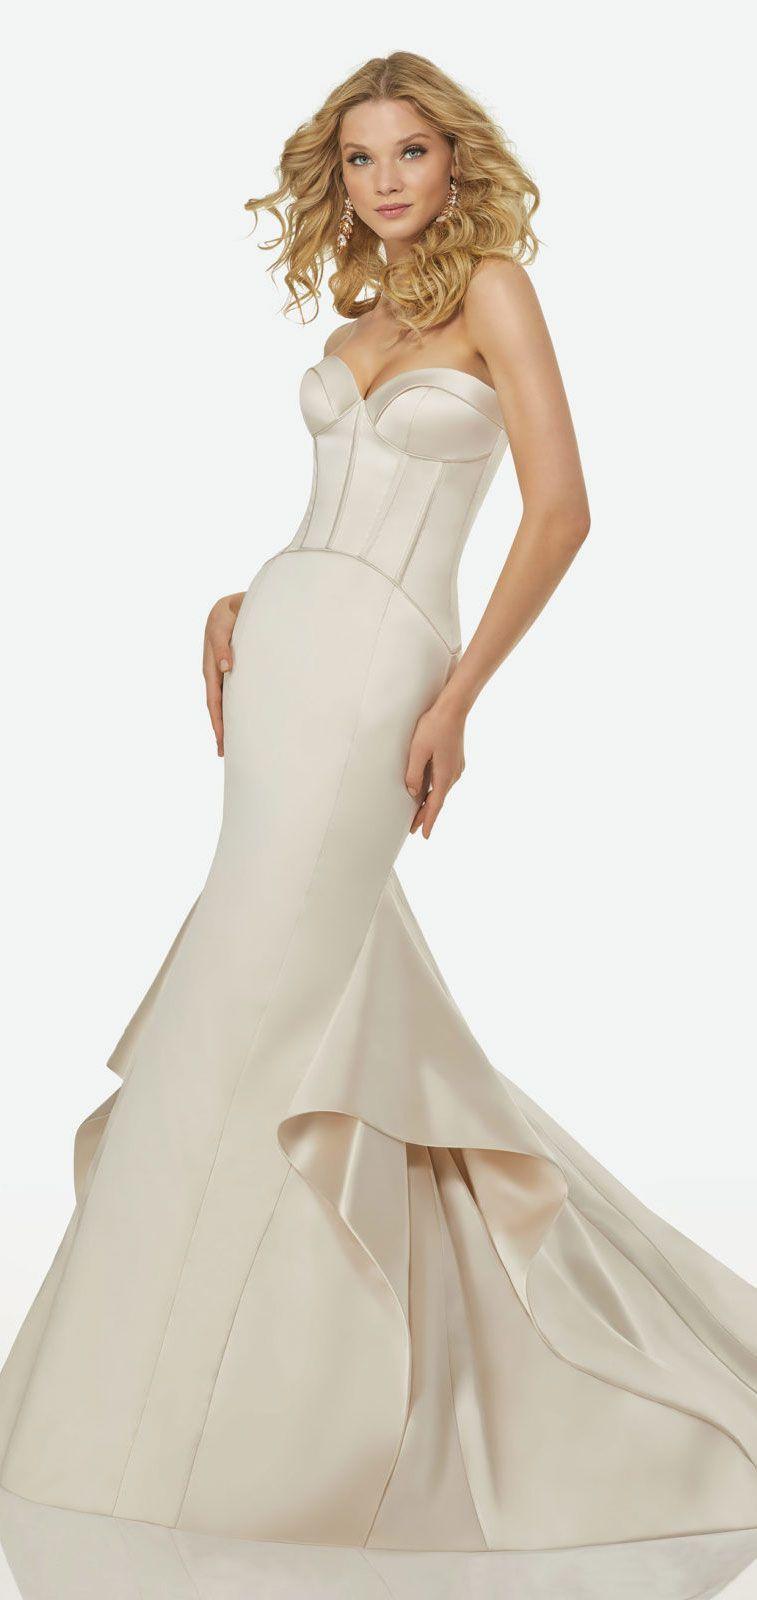 Randy fenoli bridal wedding dresses mermaid gown gowns and